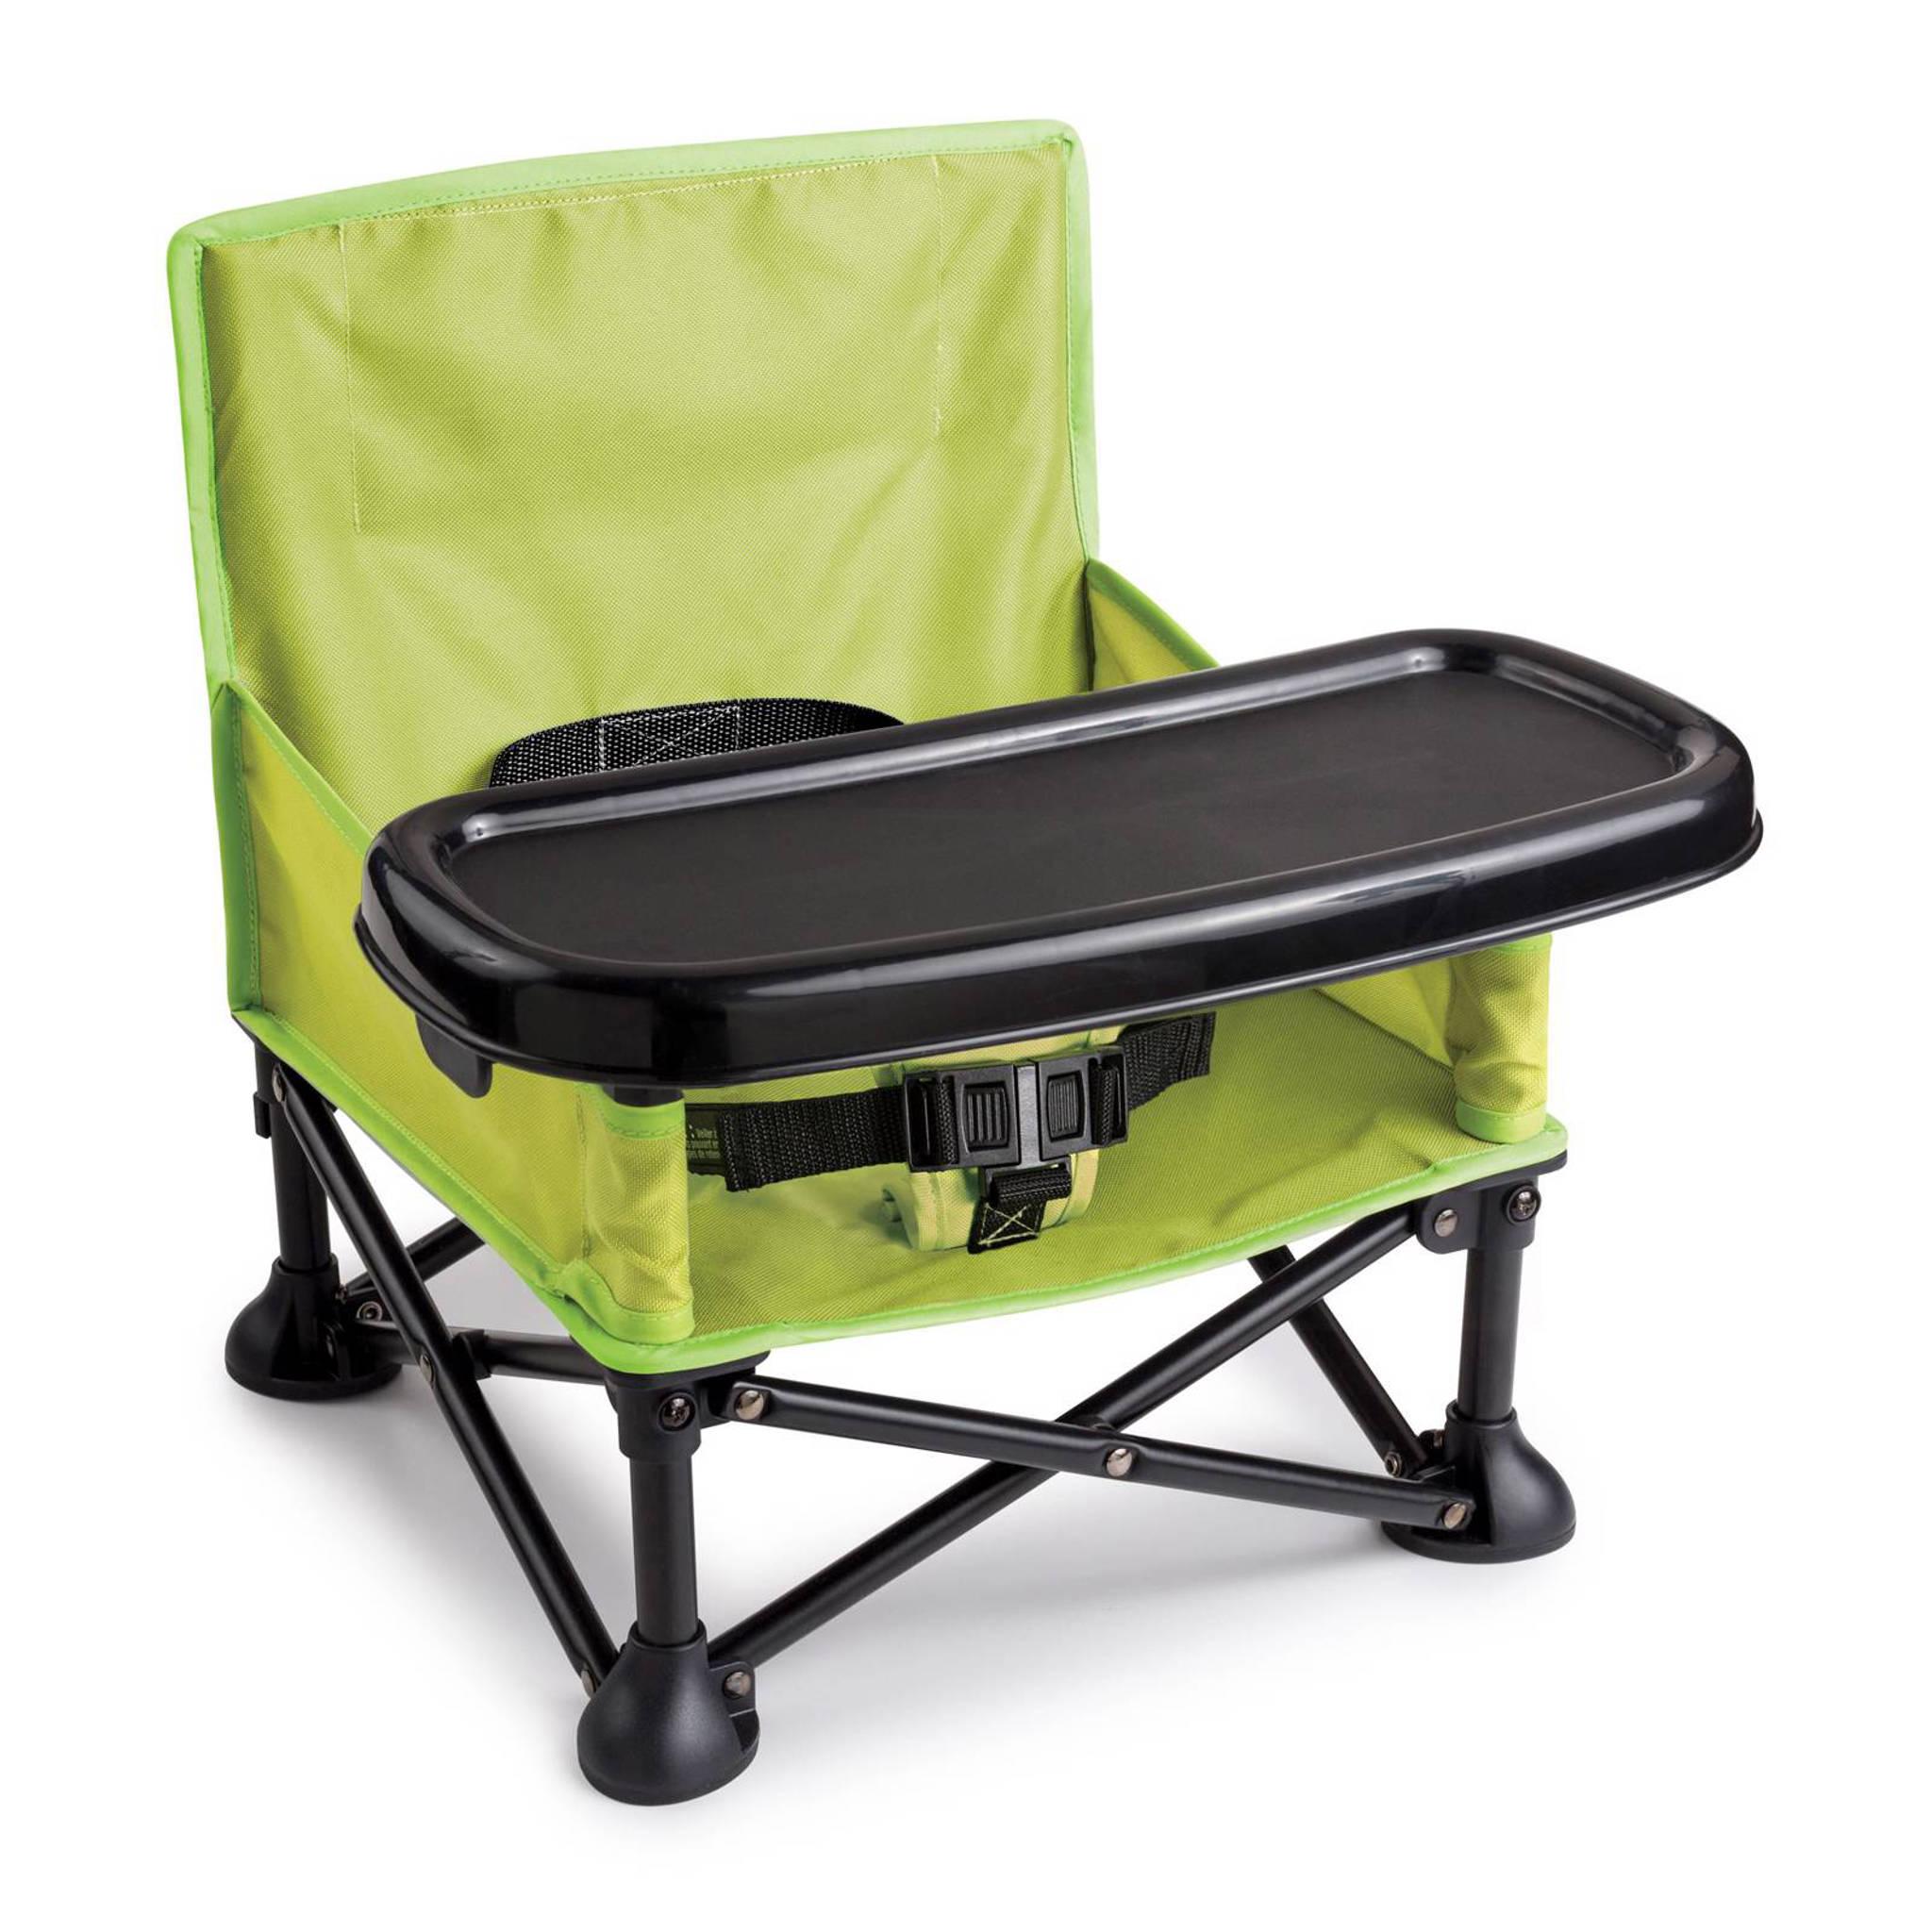 Houten Inklapbare Kinderstoel.Summer Infant Pop N Sit Inklapbare Kinderstoel Groen Wehkamp